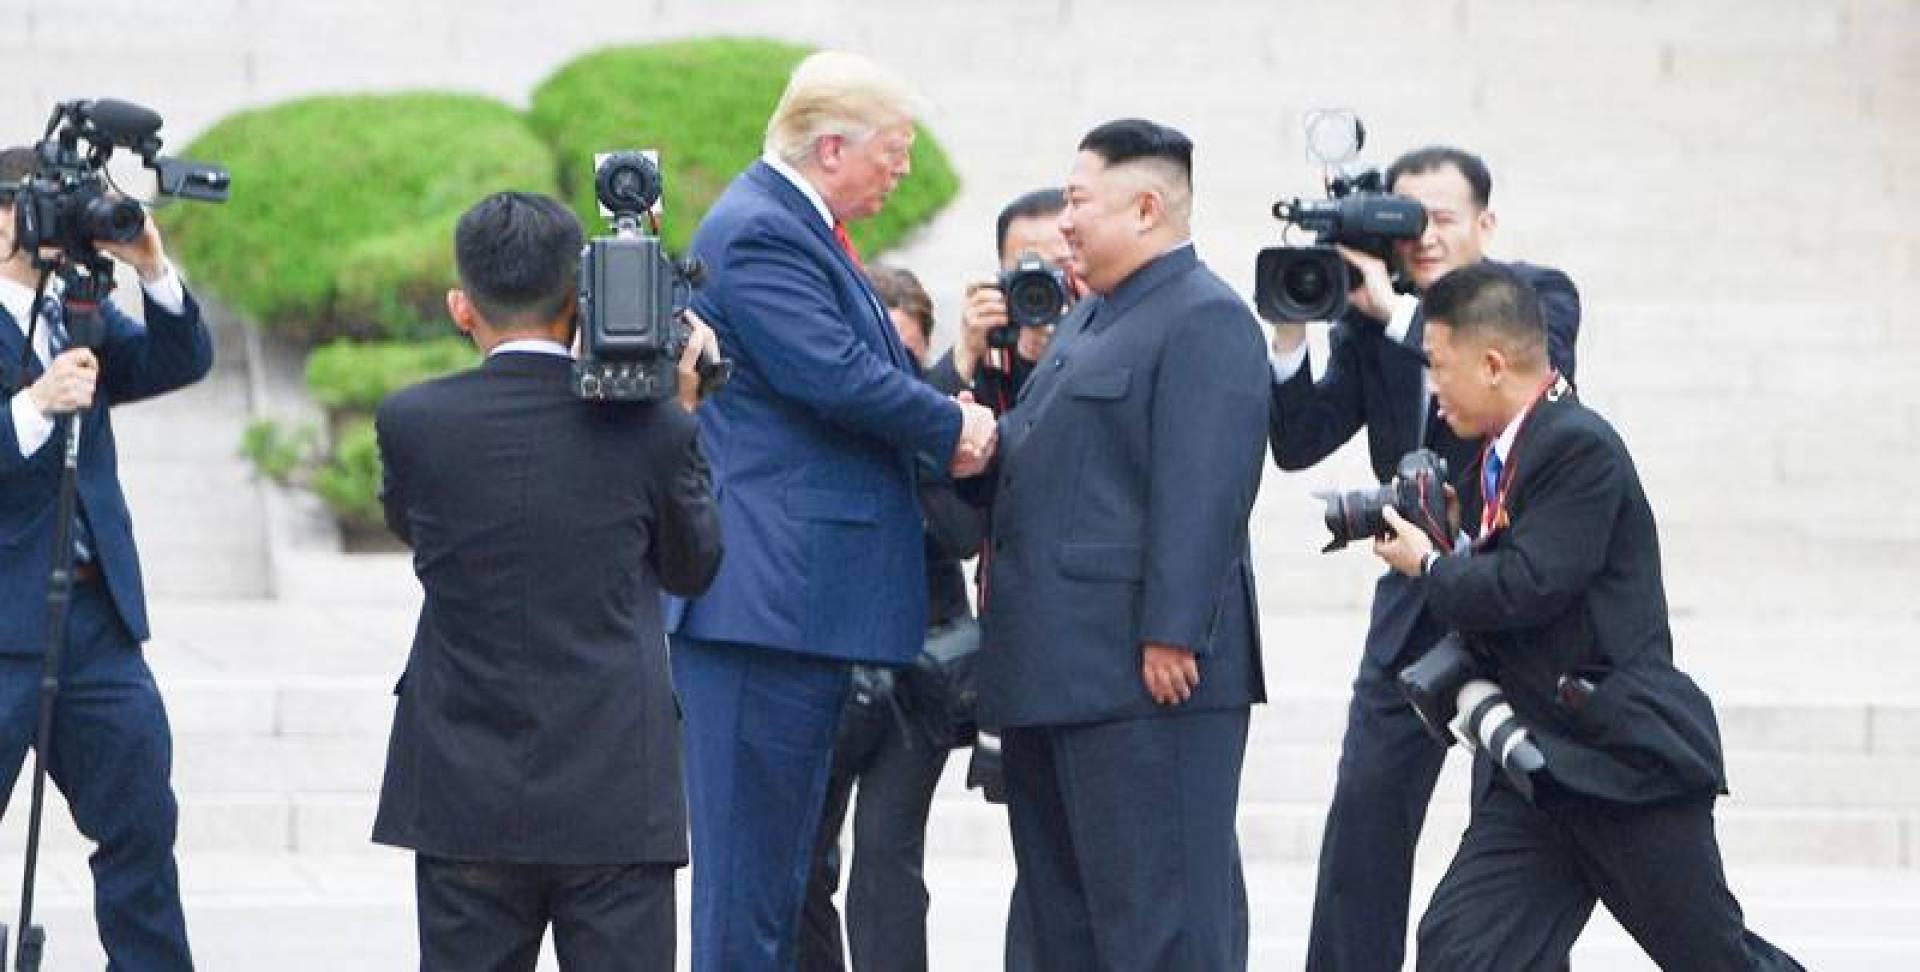 تصريحات الرئيس الجمهوري الصادمة بشأن نظرائه في العالم